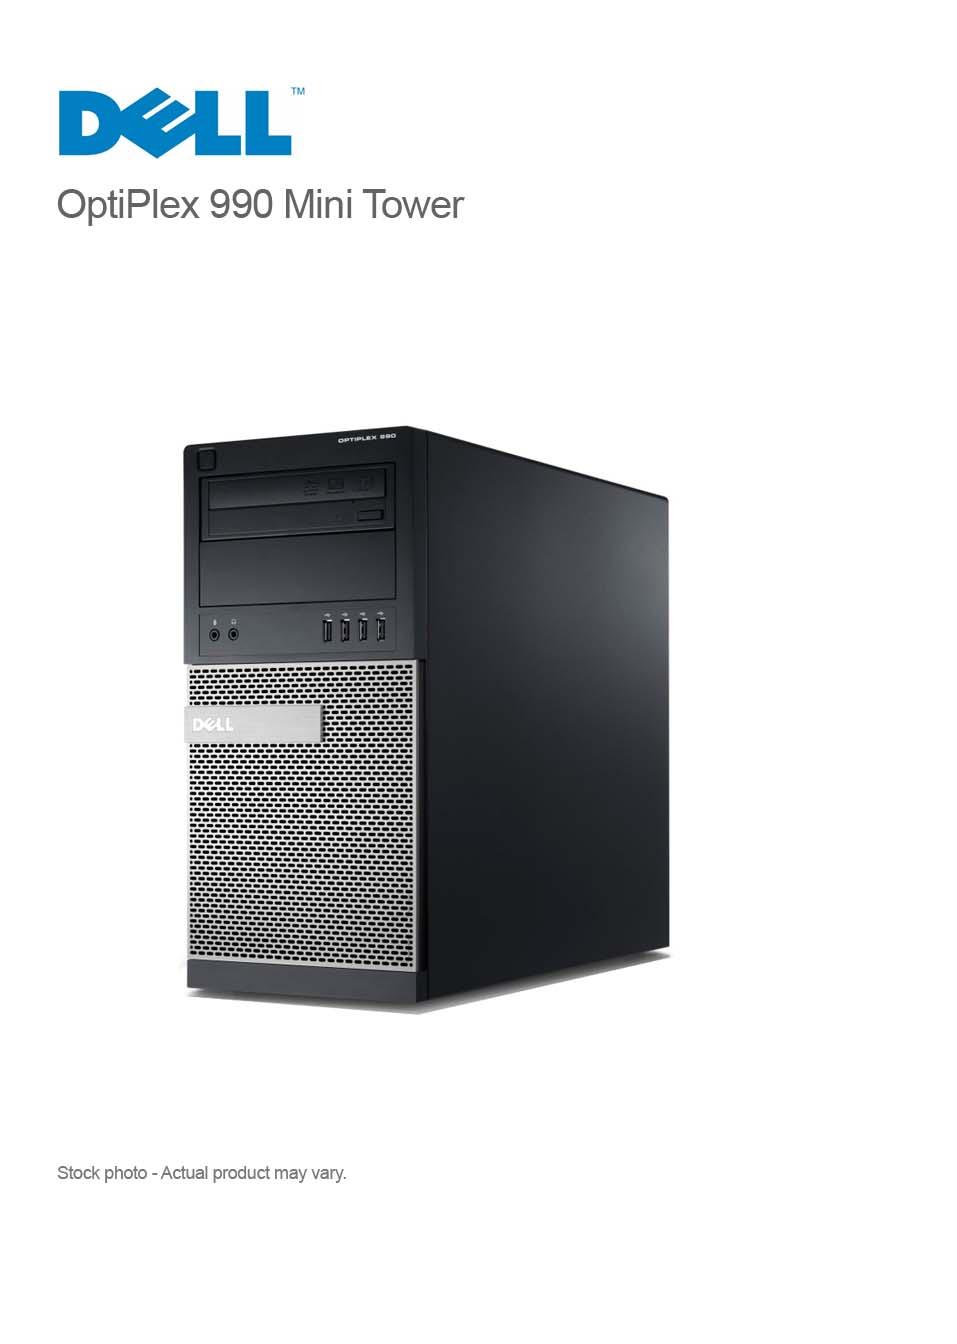 DELL OptiPlex 990 Corei7-2600 3 80GHz 8GB 2TB DVDRW WIN 7